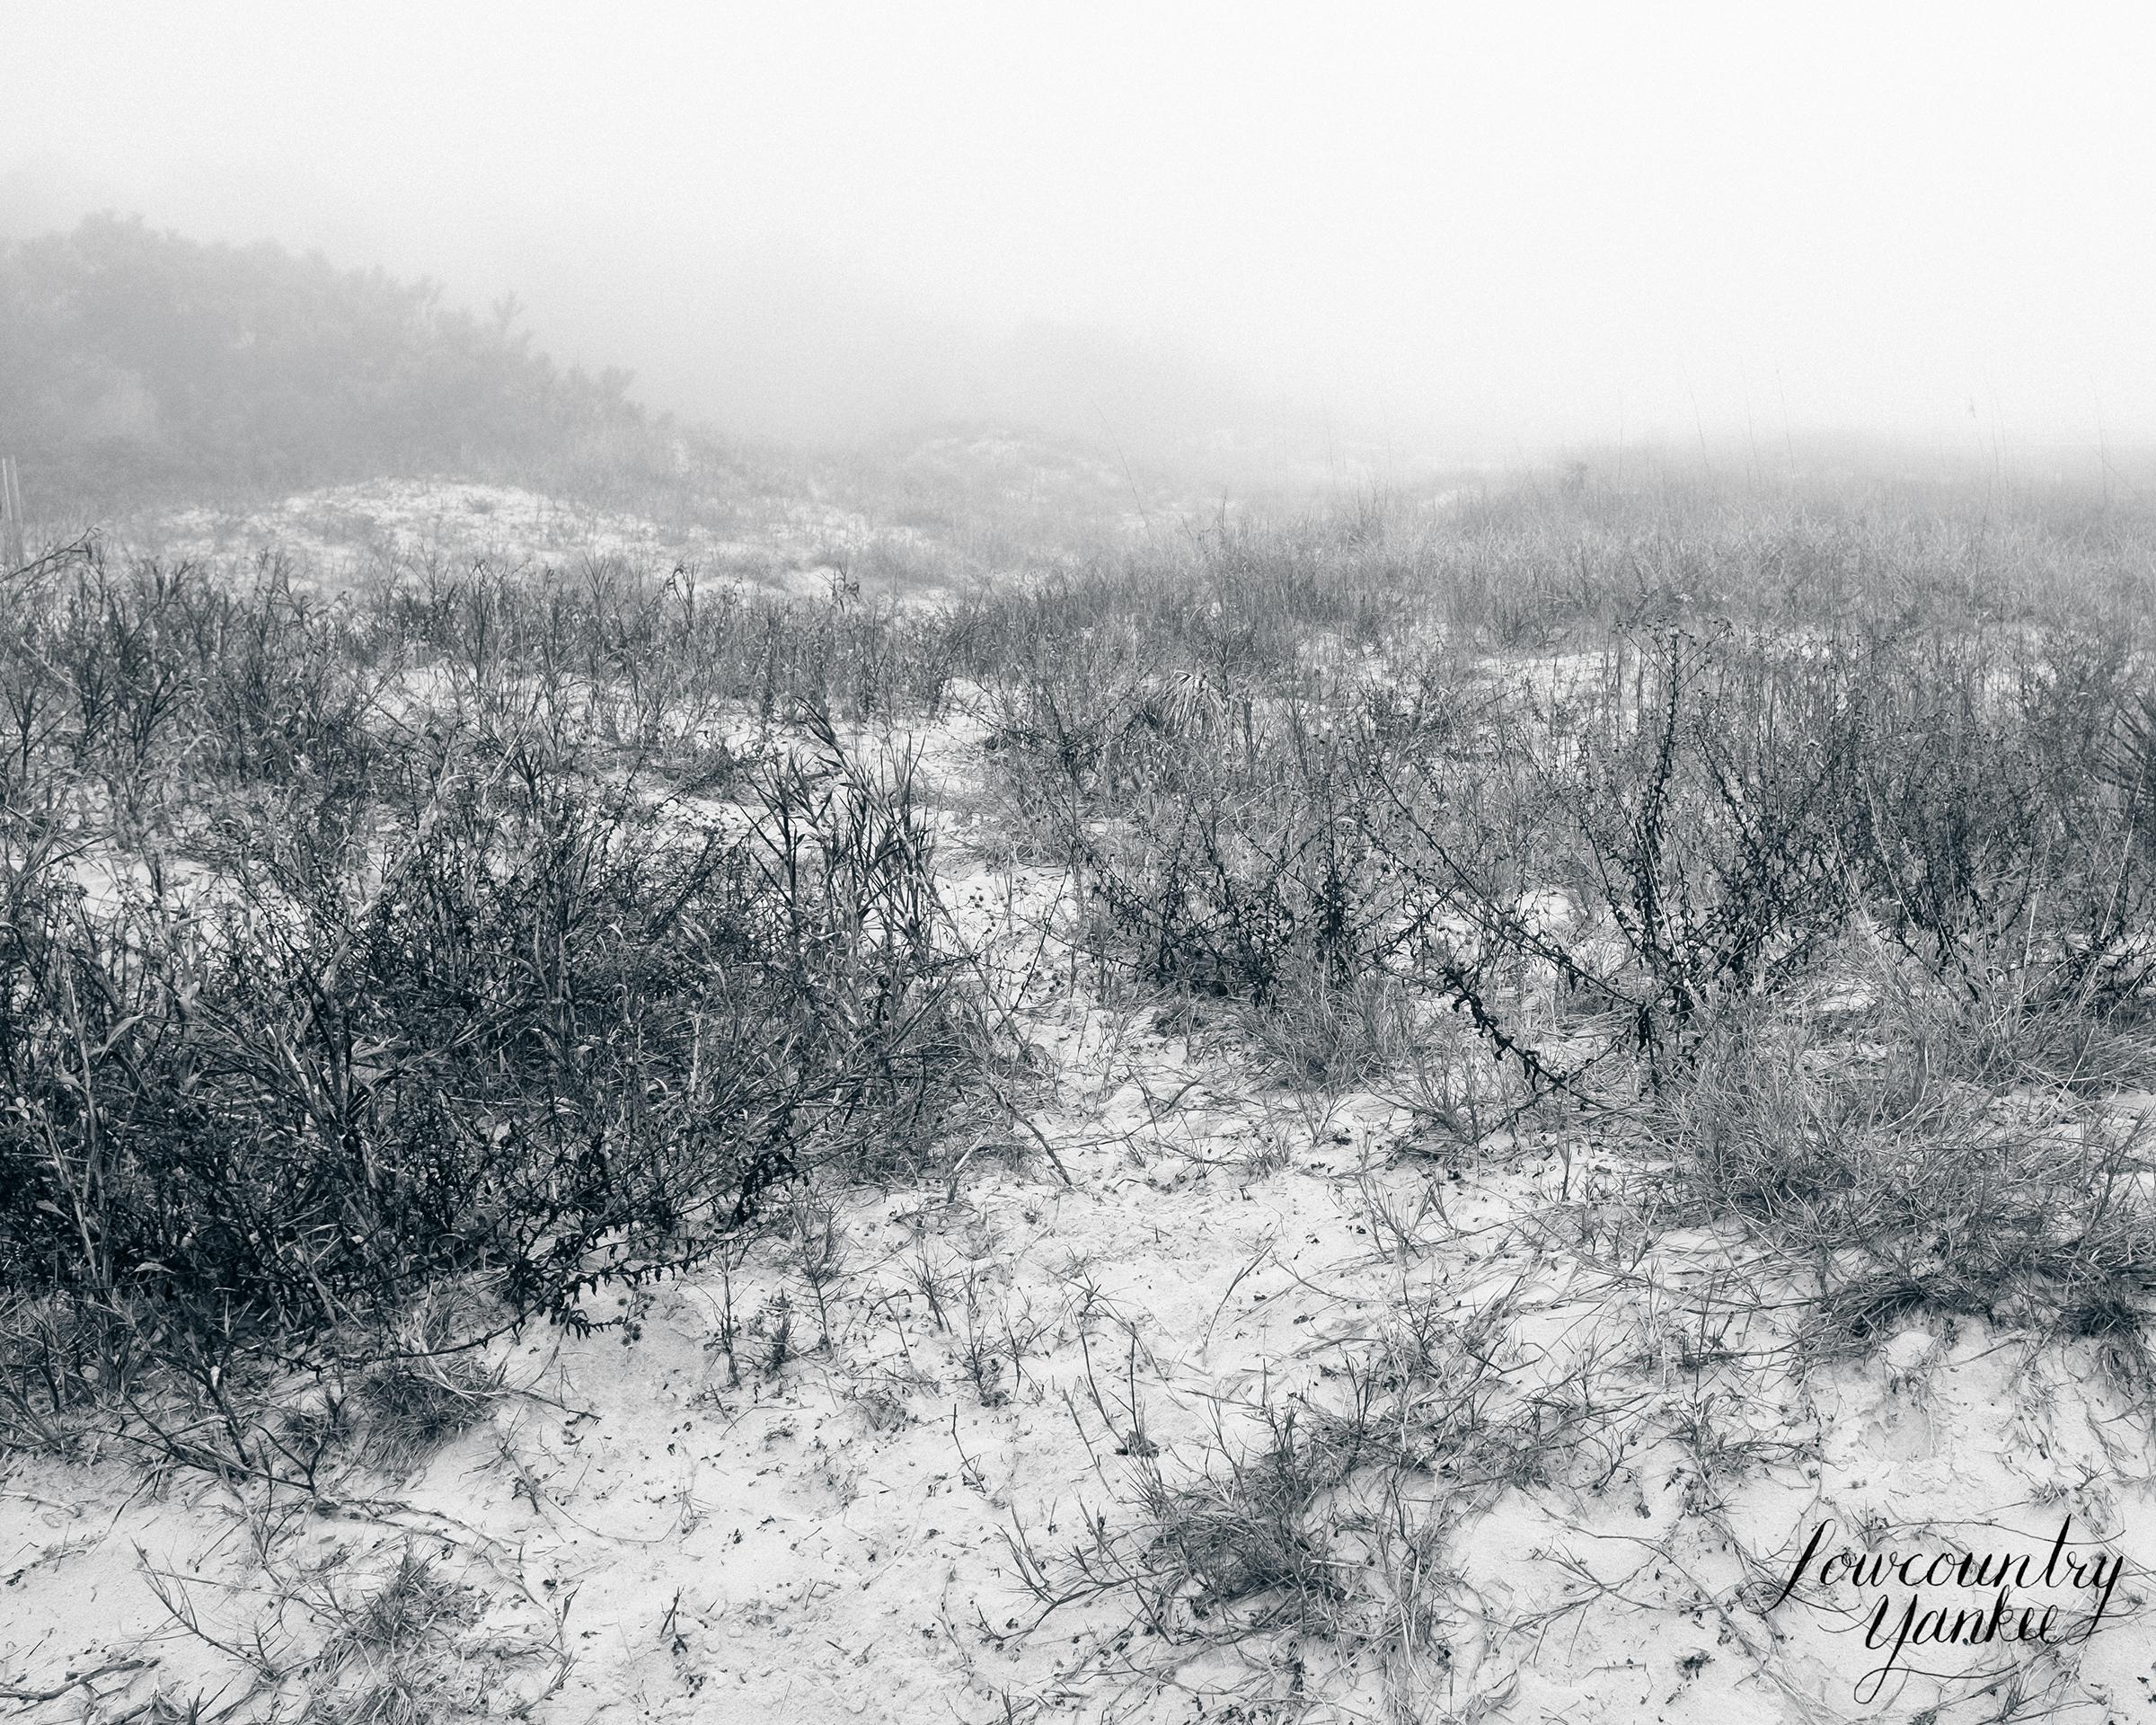 Foggy sand dune